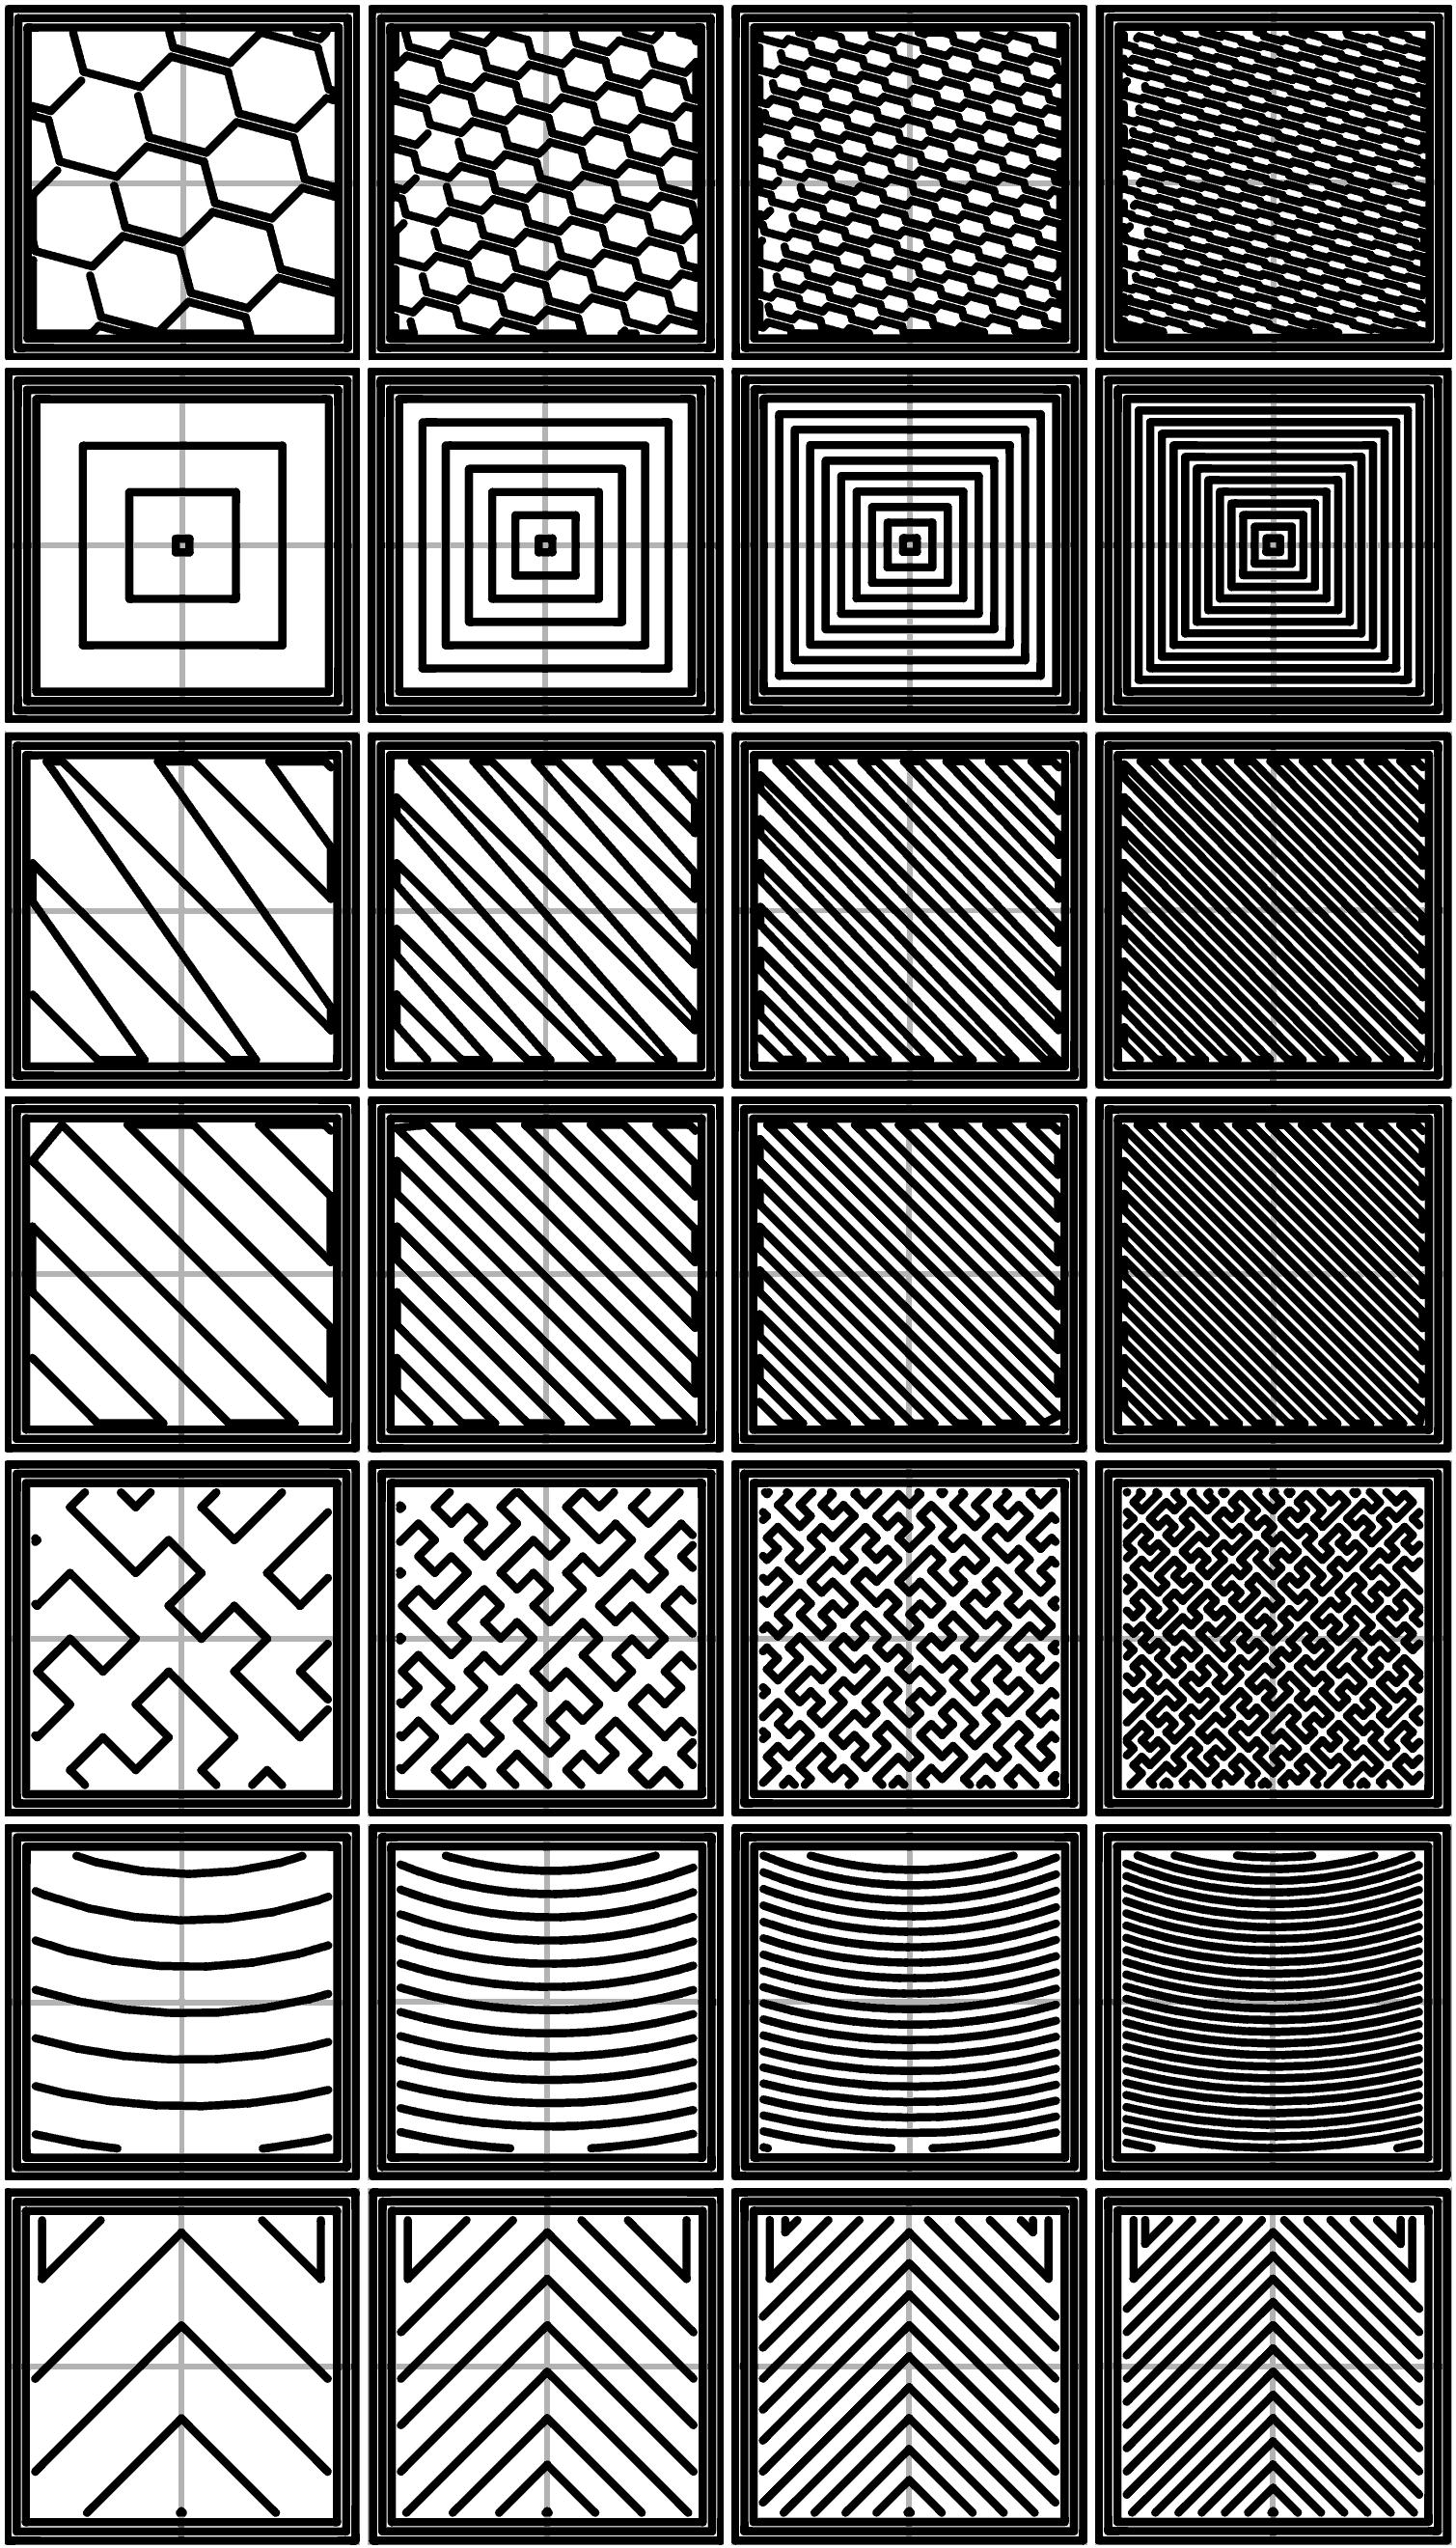 各密度の充填パターン。左から右へそれぞれ20%、40%、60%、80%。上から下へそれぞれHaneycomb、Concentric、Line、Rectilinear、Hilbert Curve、Archimedean Chords、Octagram Spiral。